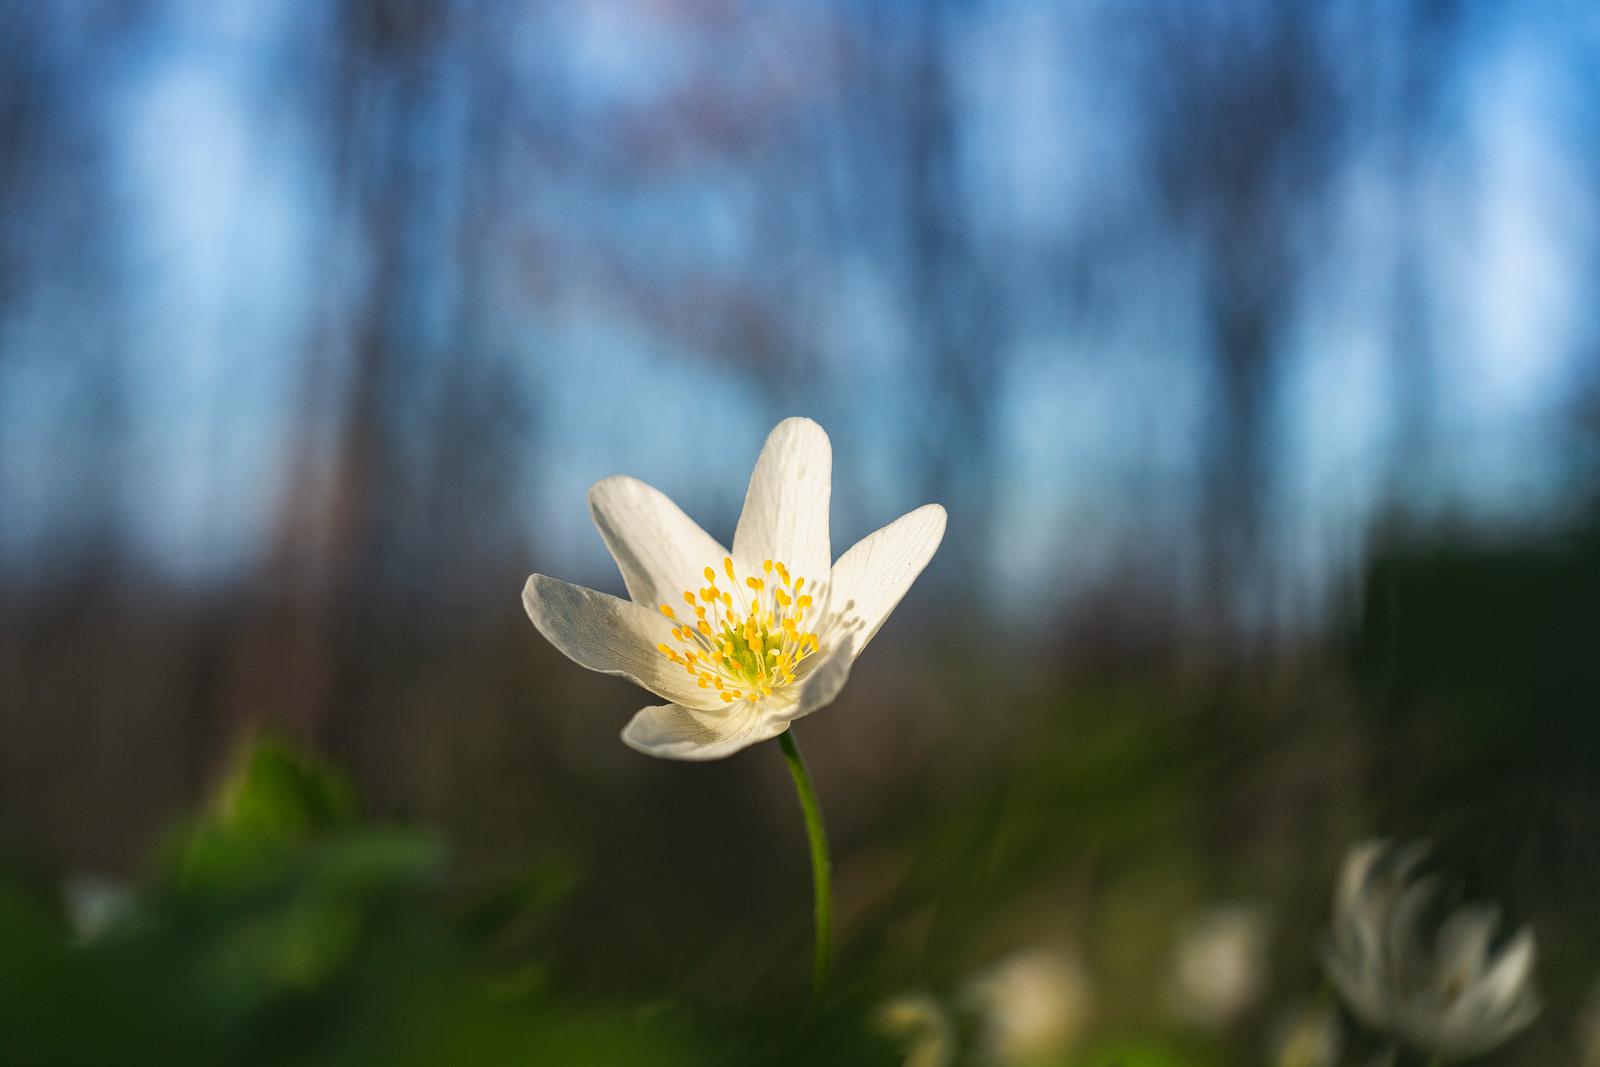 Nature - Photo 29